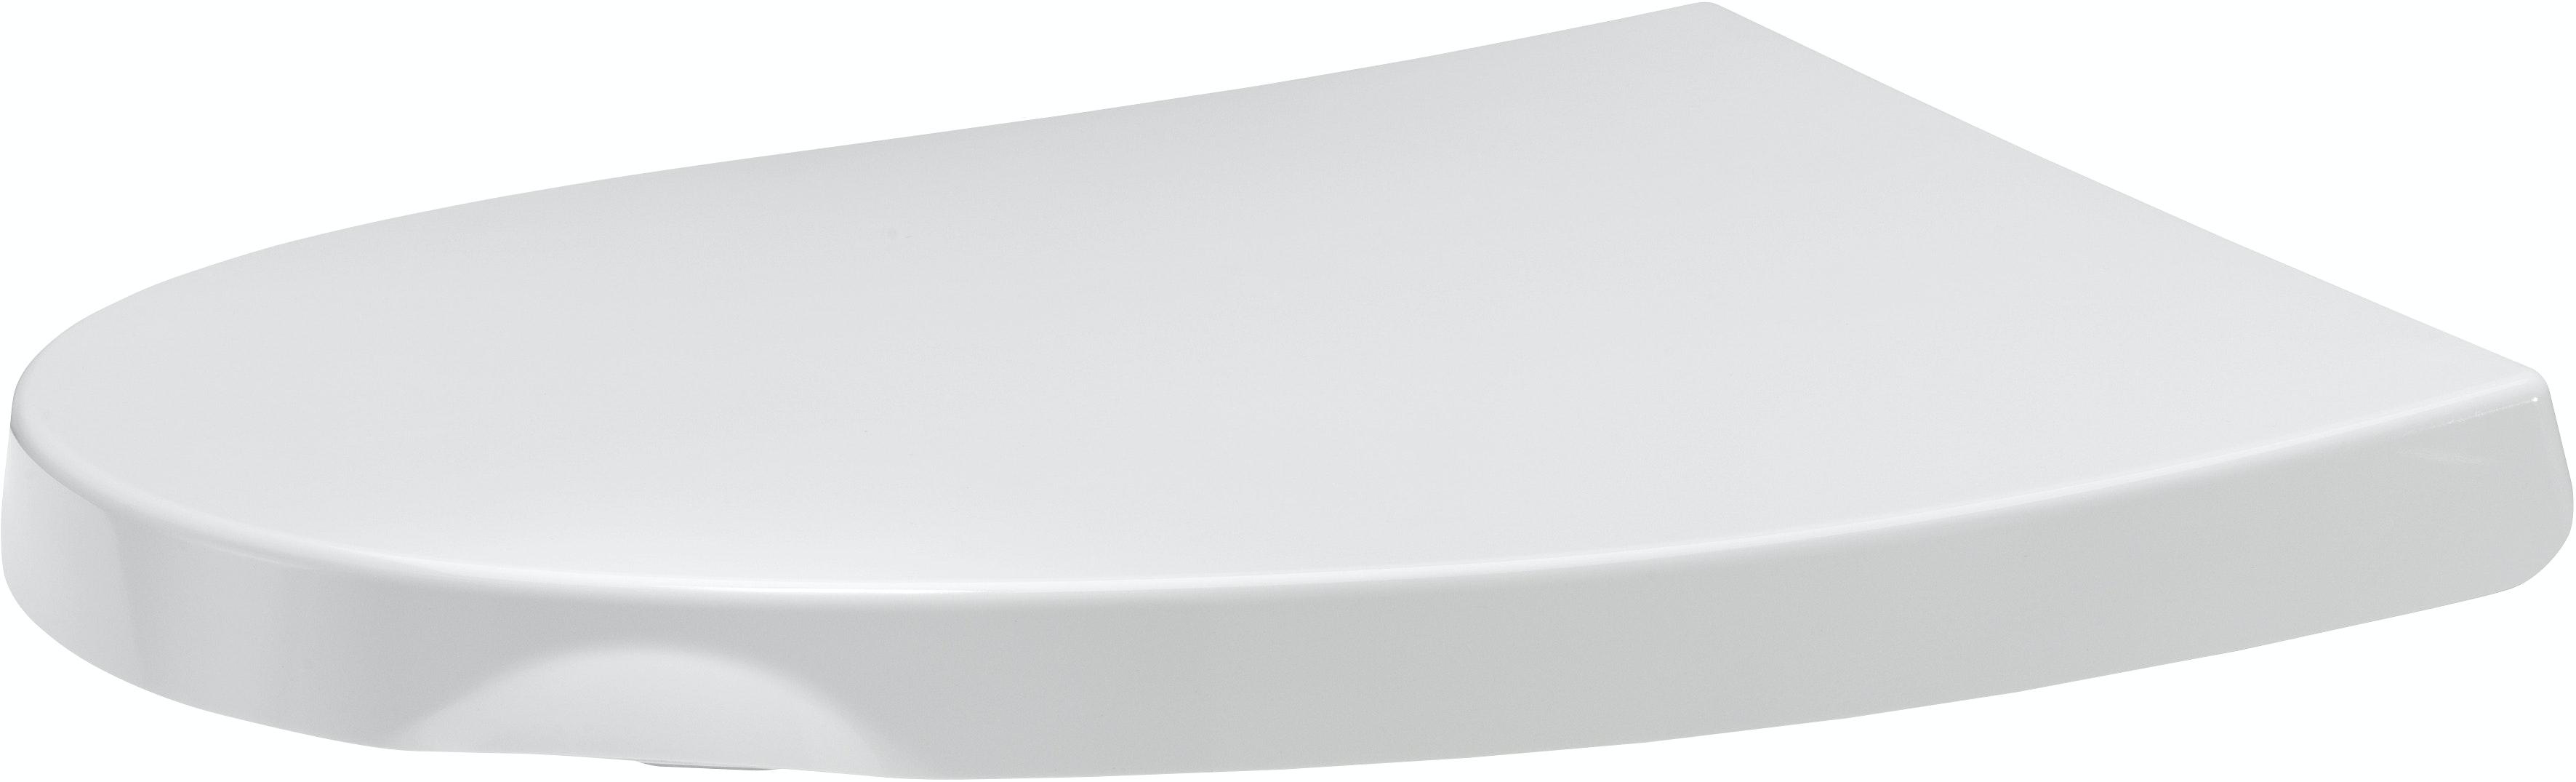 Wc-Sits Saniscan Ladygrip Sign soft Lift-Off Vit